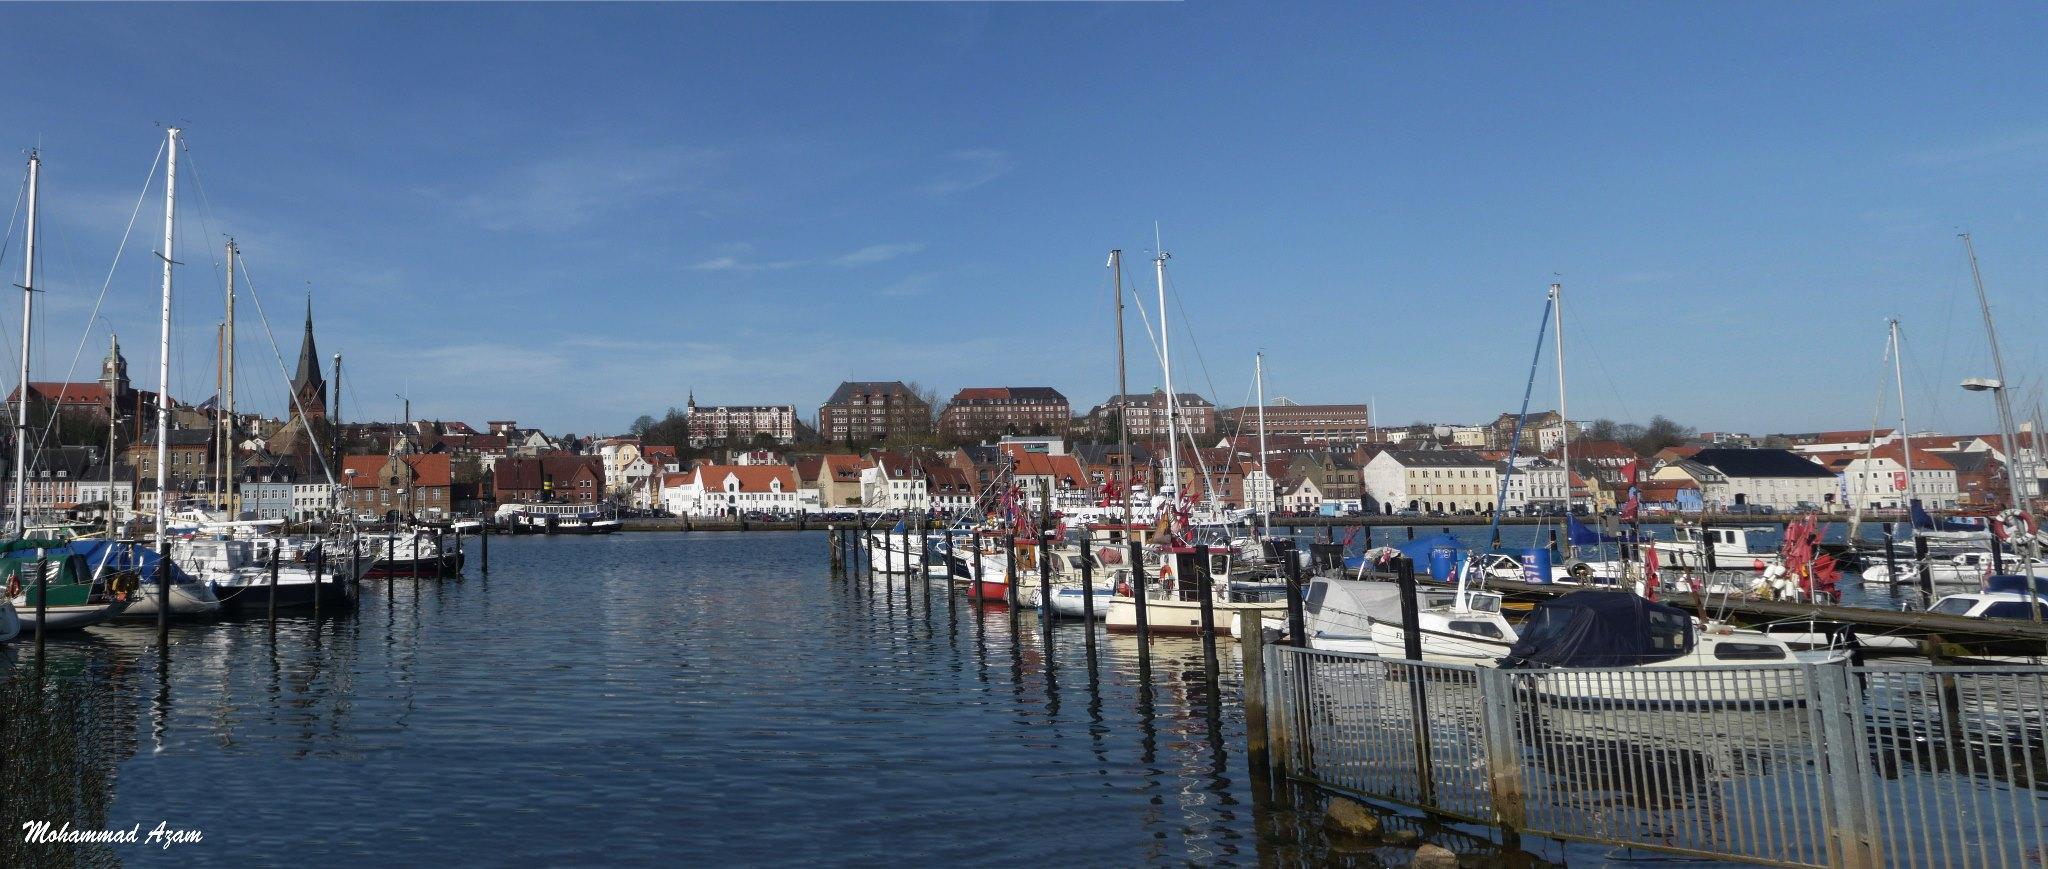 Flensburg (Germany)